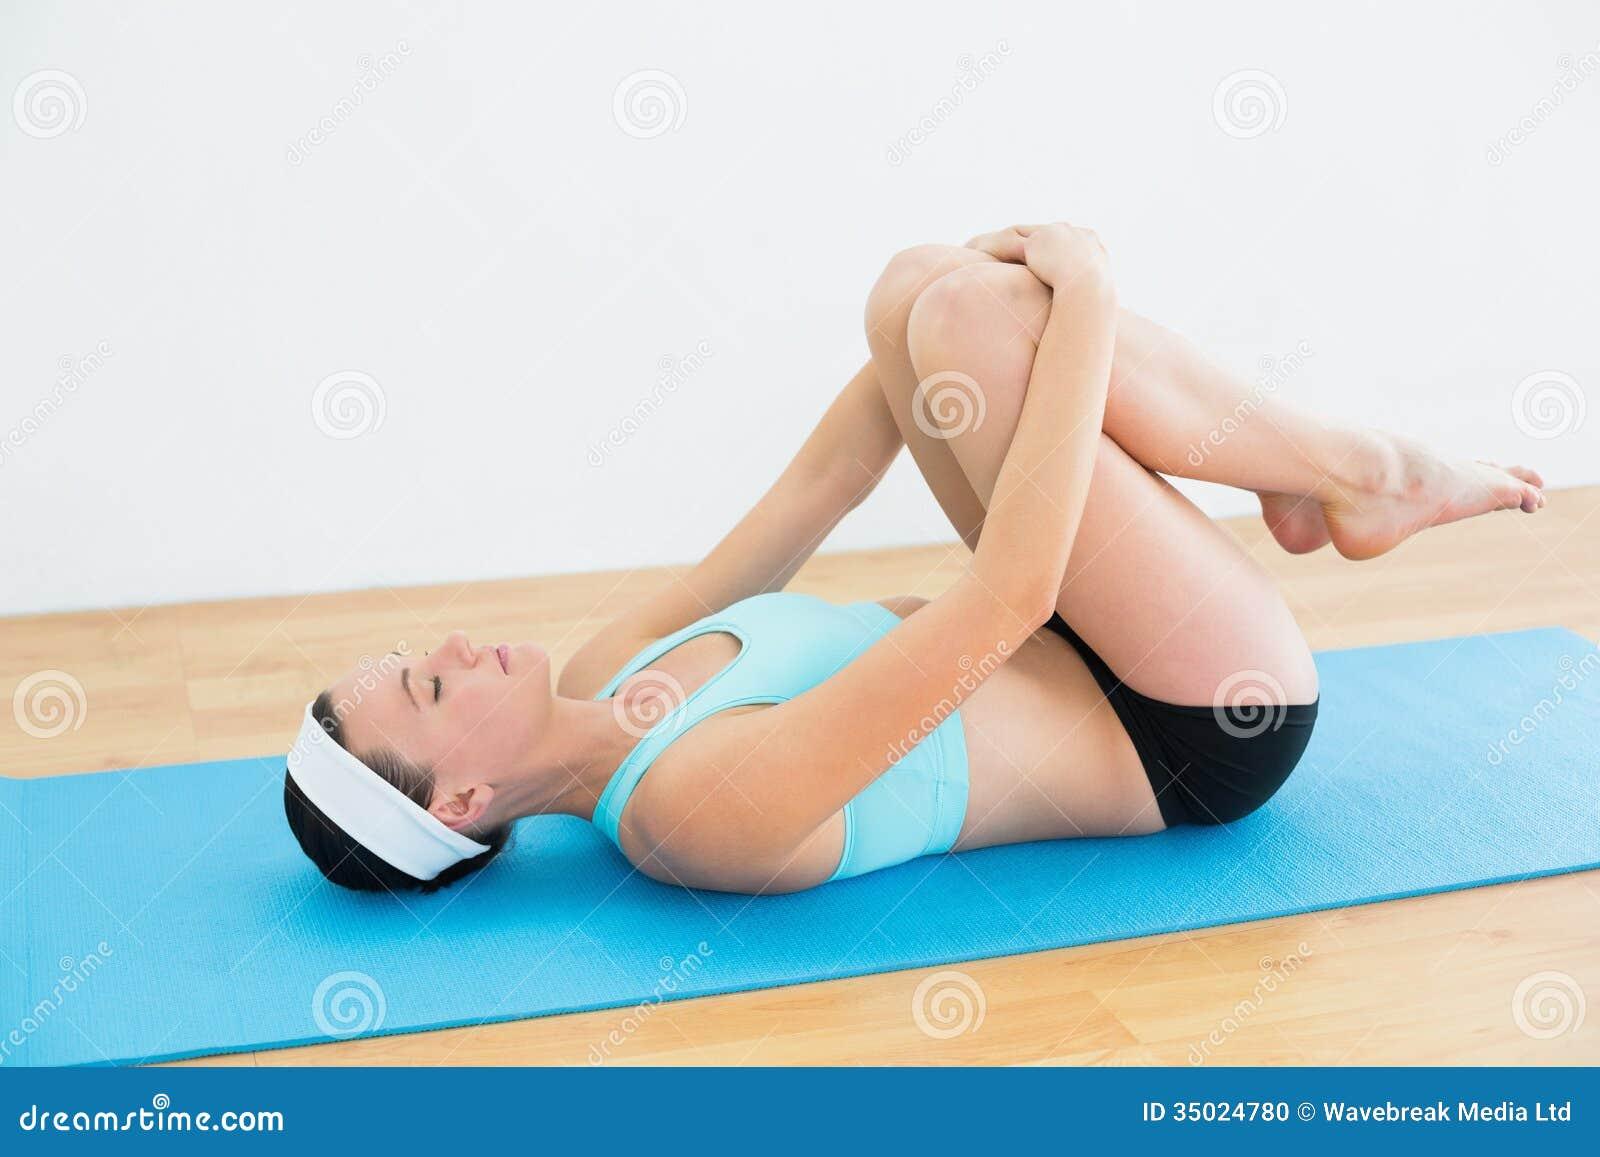 Supine Position Yoga posture on yoga mat